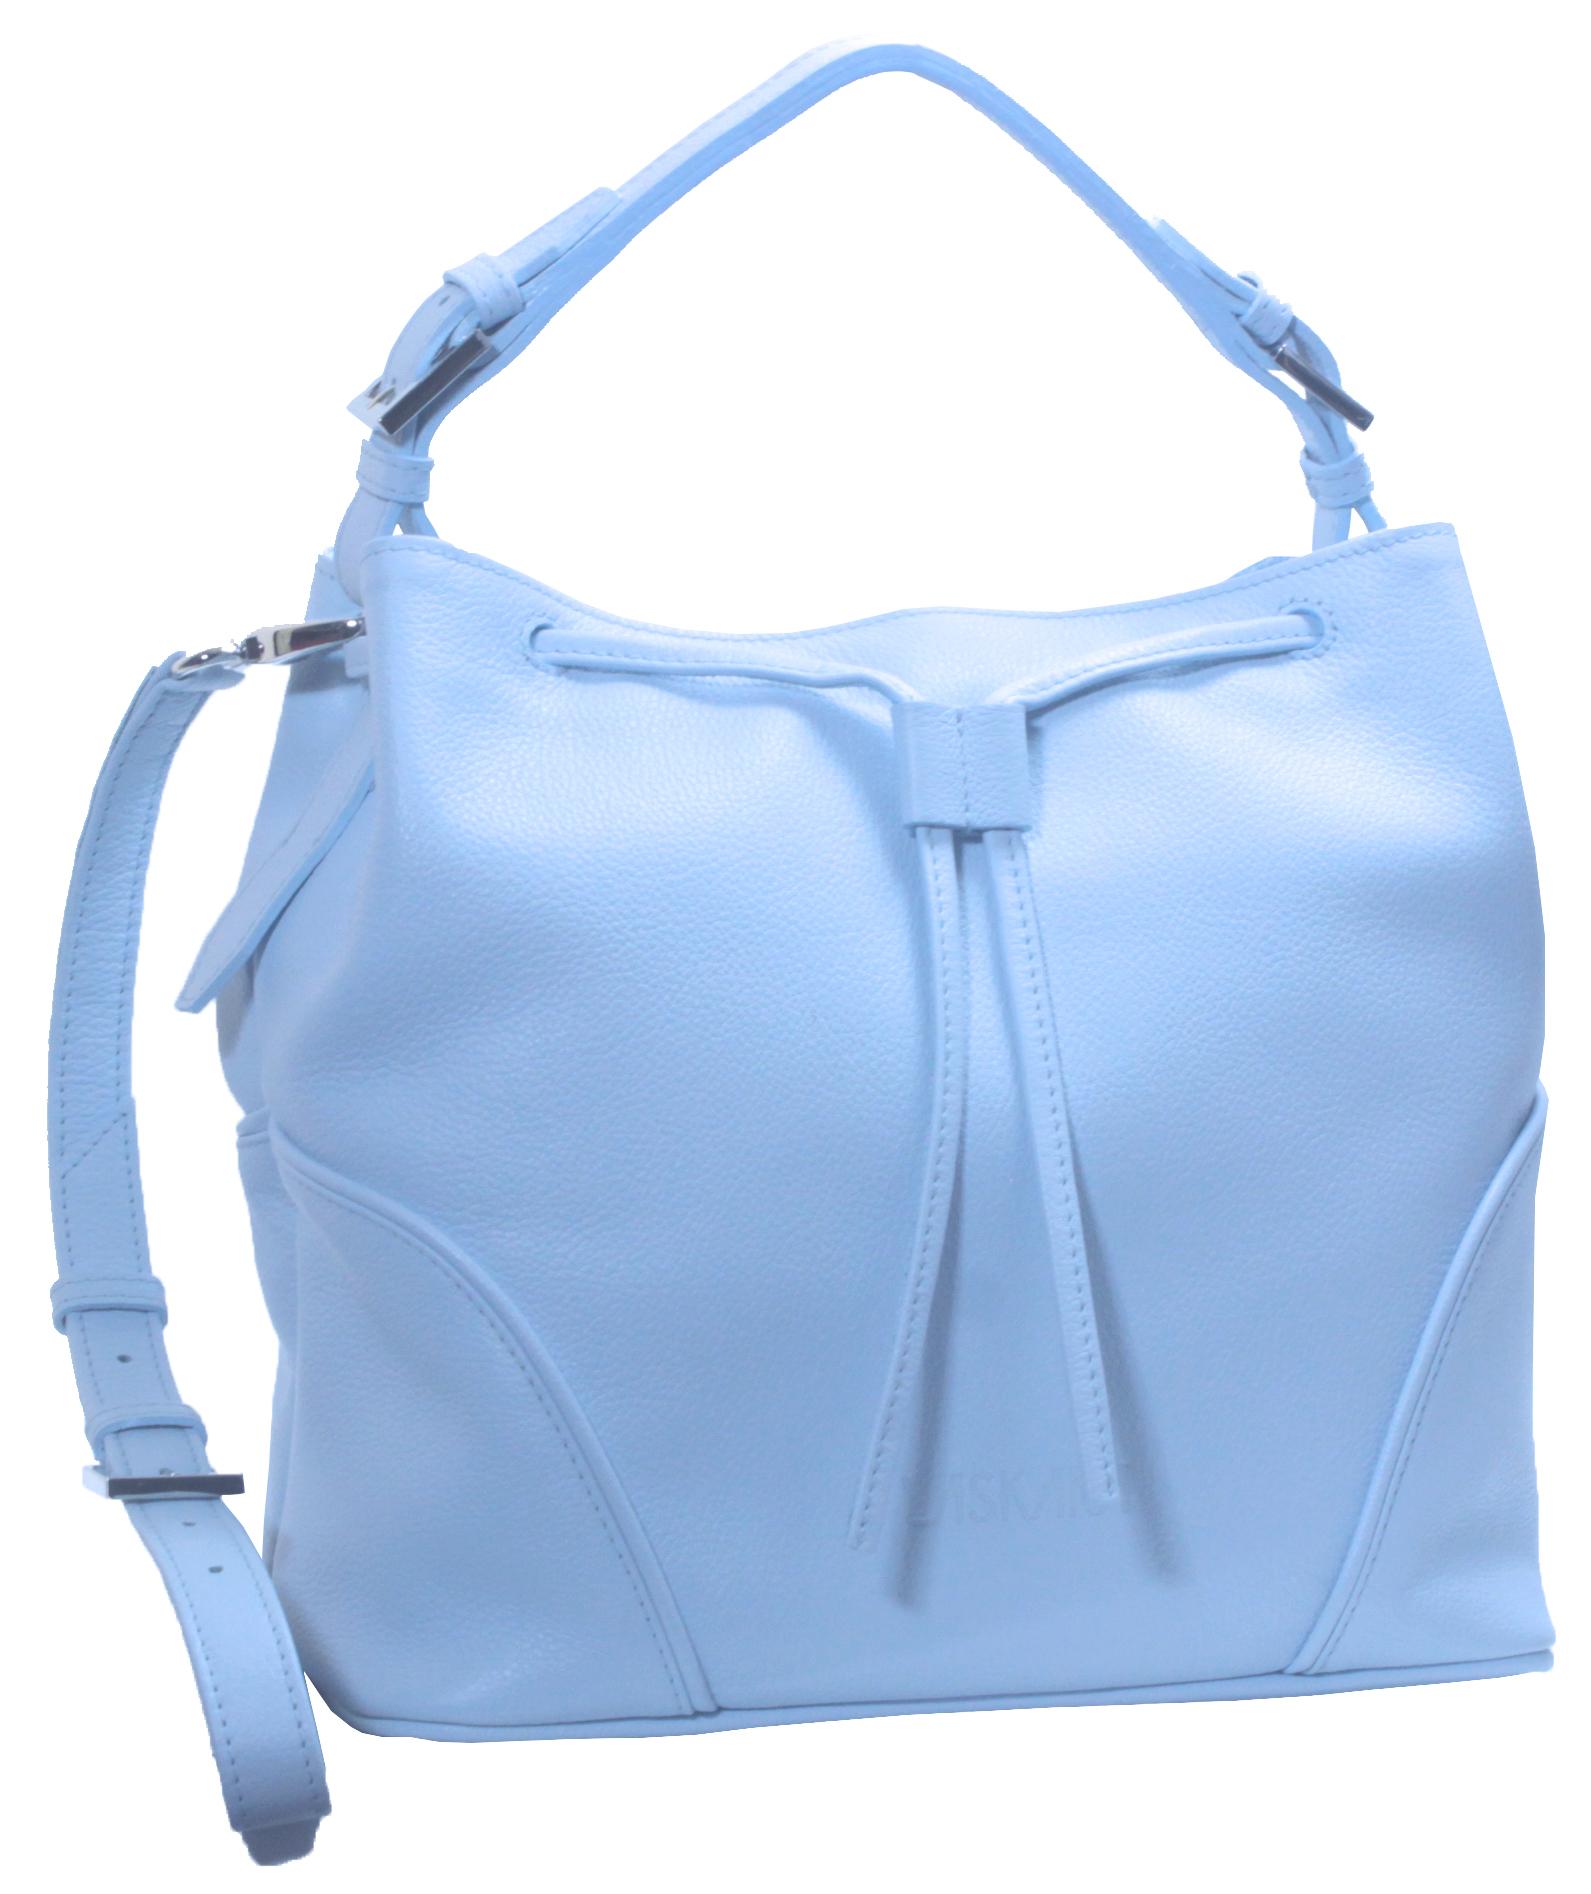 Blankytně modrá kožená kabelka 11-DS263-sky-blue - boční pohled